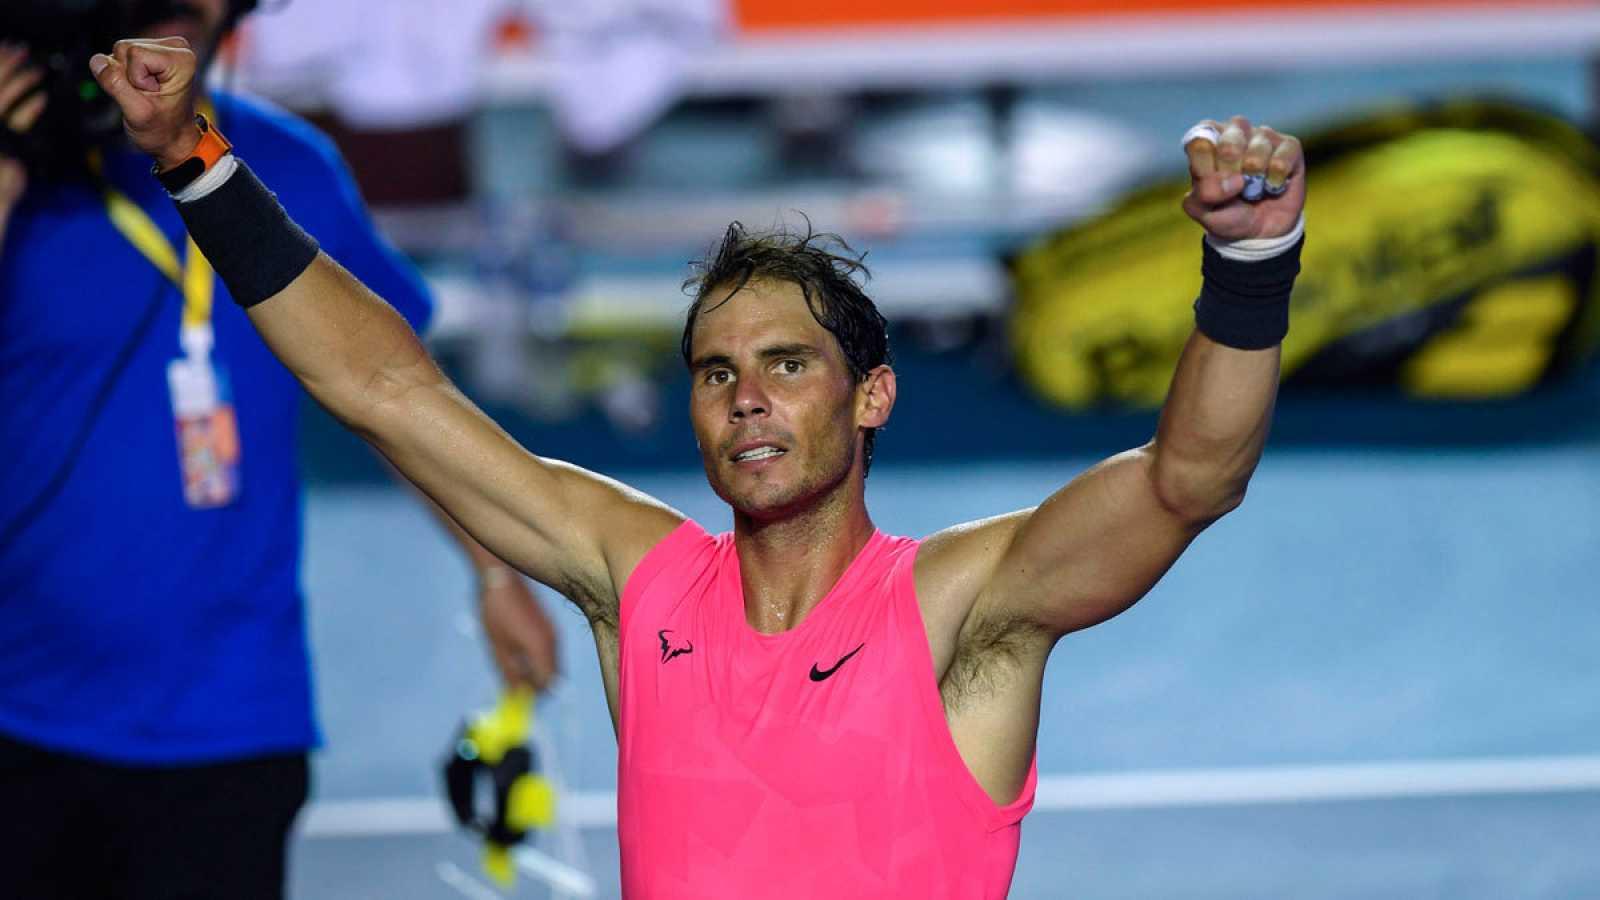 El tenista español Rafa Nadal celebra su triunfo después de ganar al búlgaro Grigor Dimitrov en México